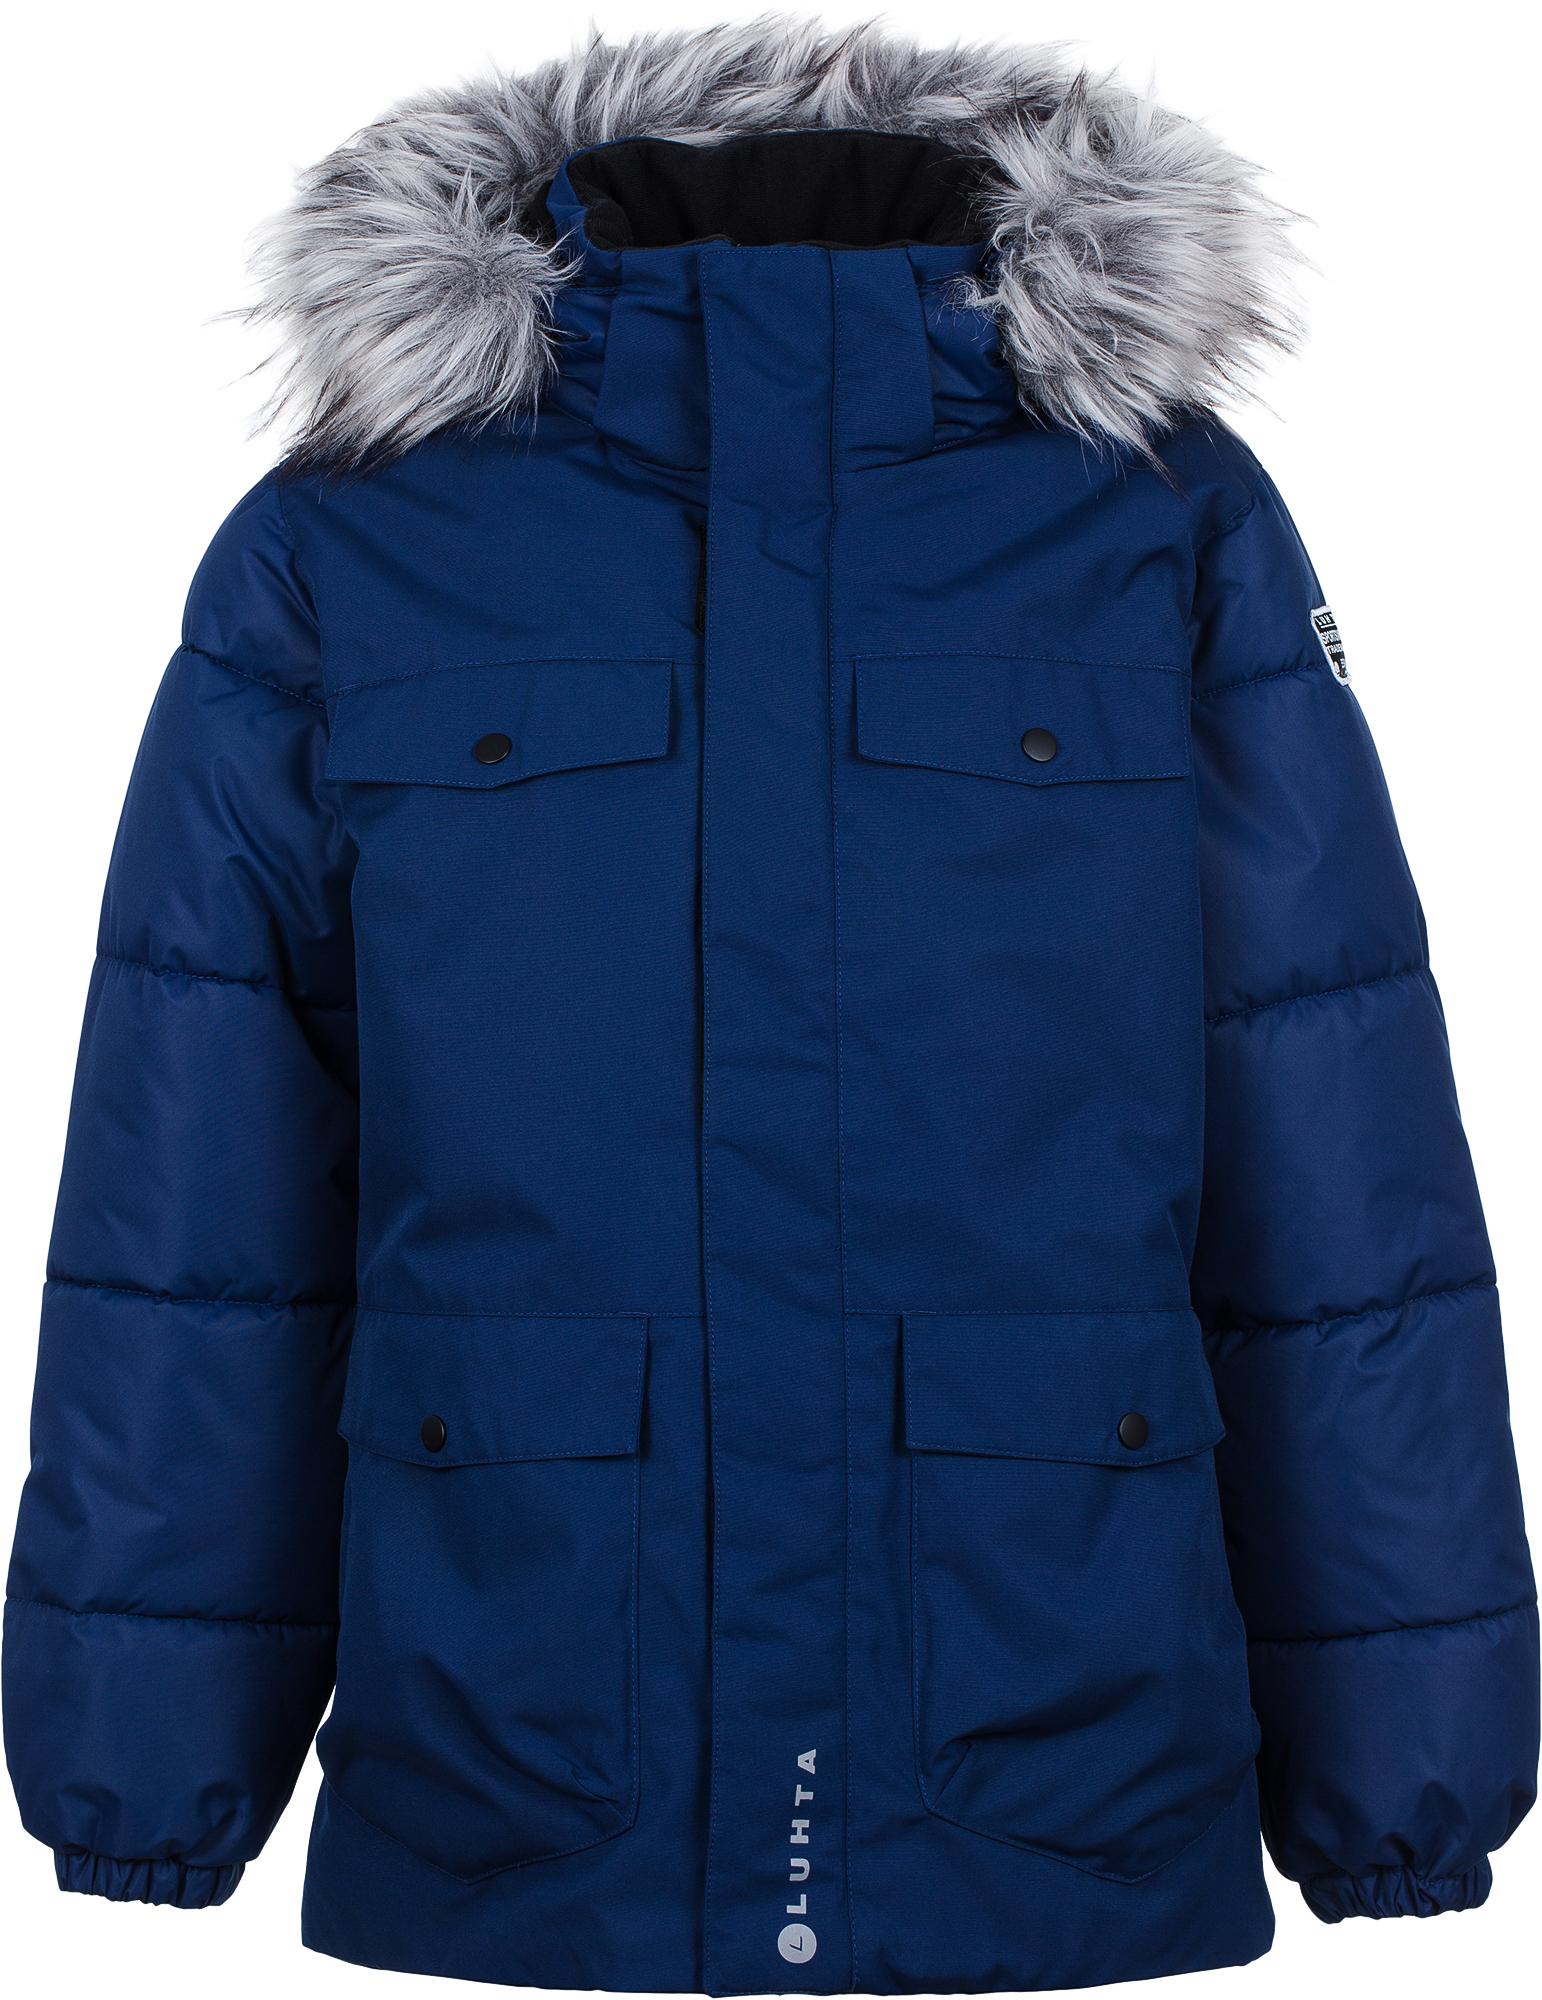 Luhta Куртка утепленная для мальчиков Luhta Lahis, размер 152 куртка утепленная luhta luhta lu692ewcovk3